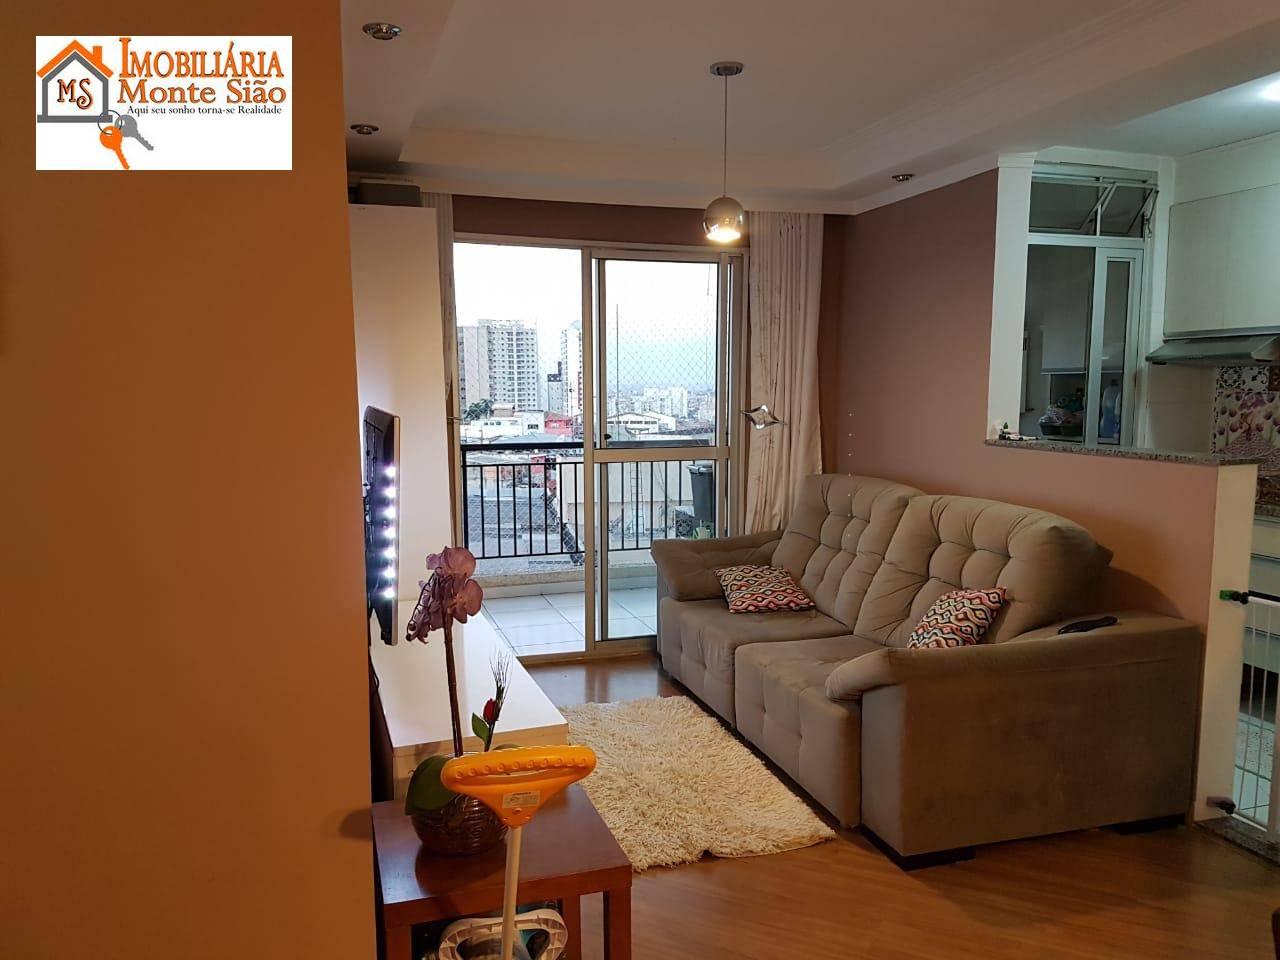 Apartamento com 2 dormitórios à venda, 60 m² por R$ 290.000,00 - Picanco - Guarulhos/SP